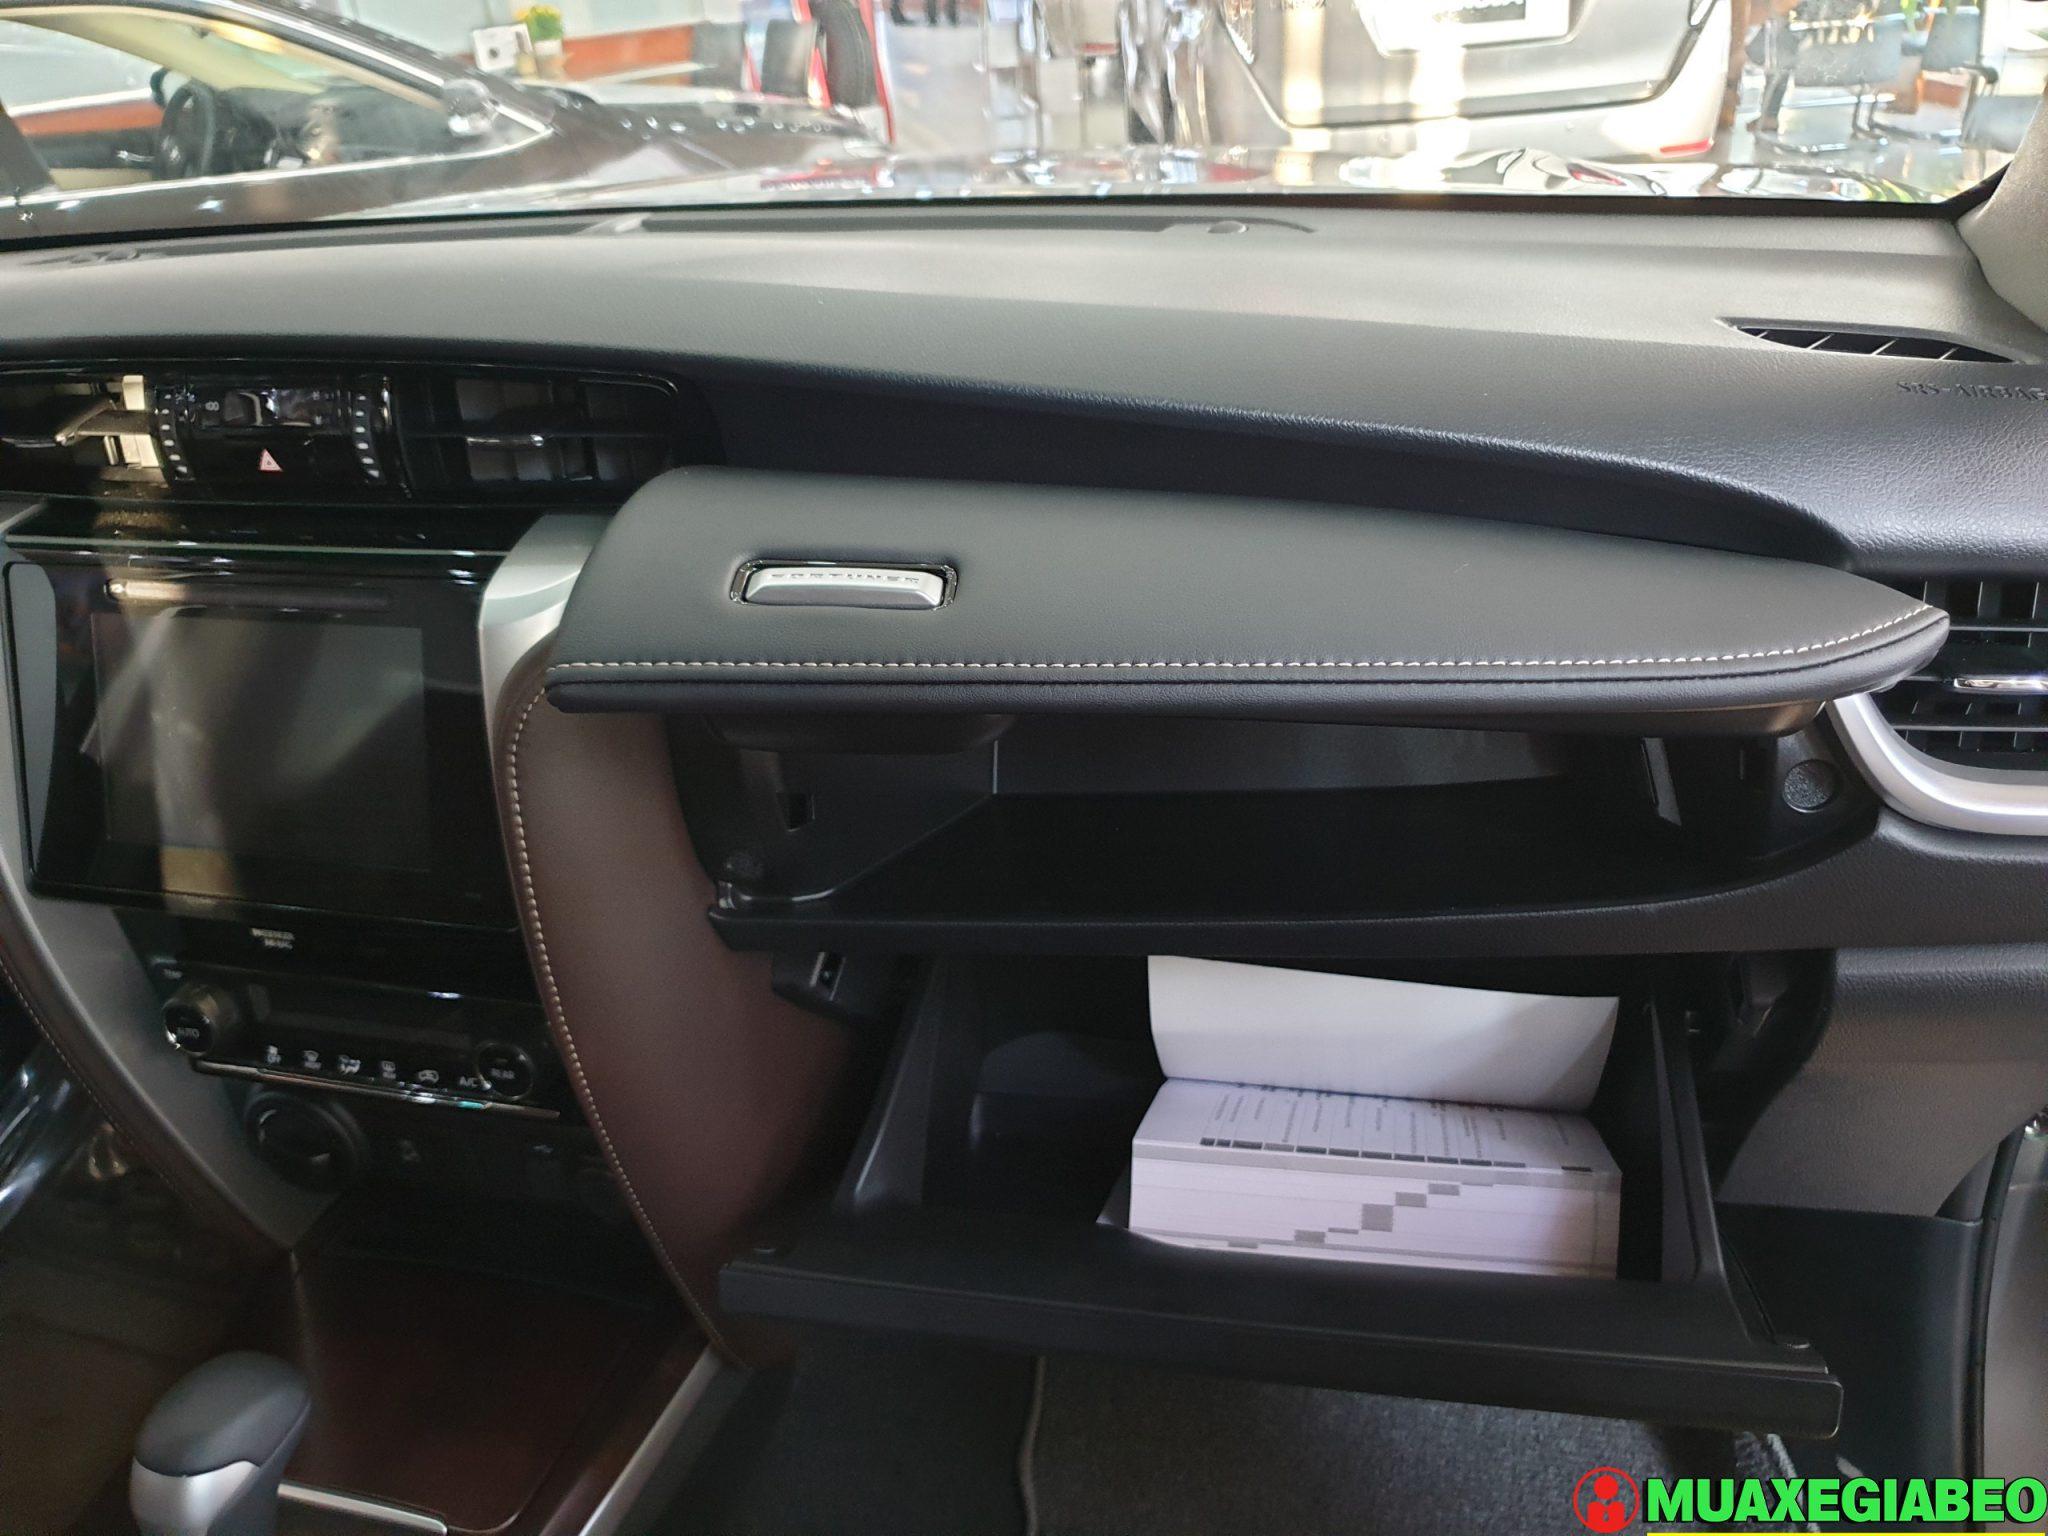 Toyota Fortuner 2.8 V diesel 4x4 AT Đánh giá thông số lăn bánh trả góp ảnh 7 - Fortuner 2.4G 4x2 AT [hienthinam]: giá xe và khuyến mãi mới